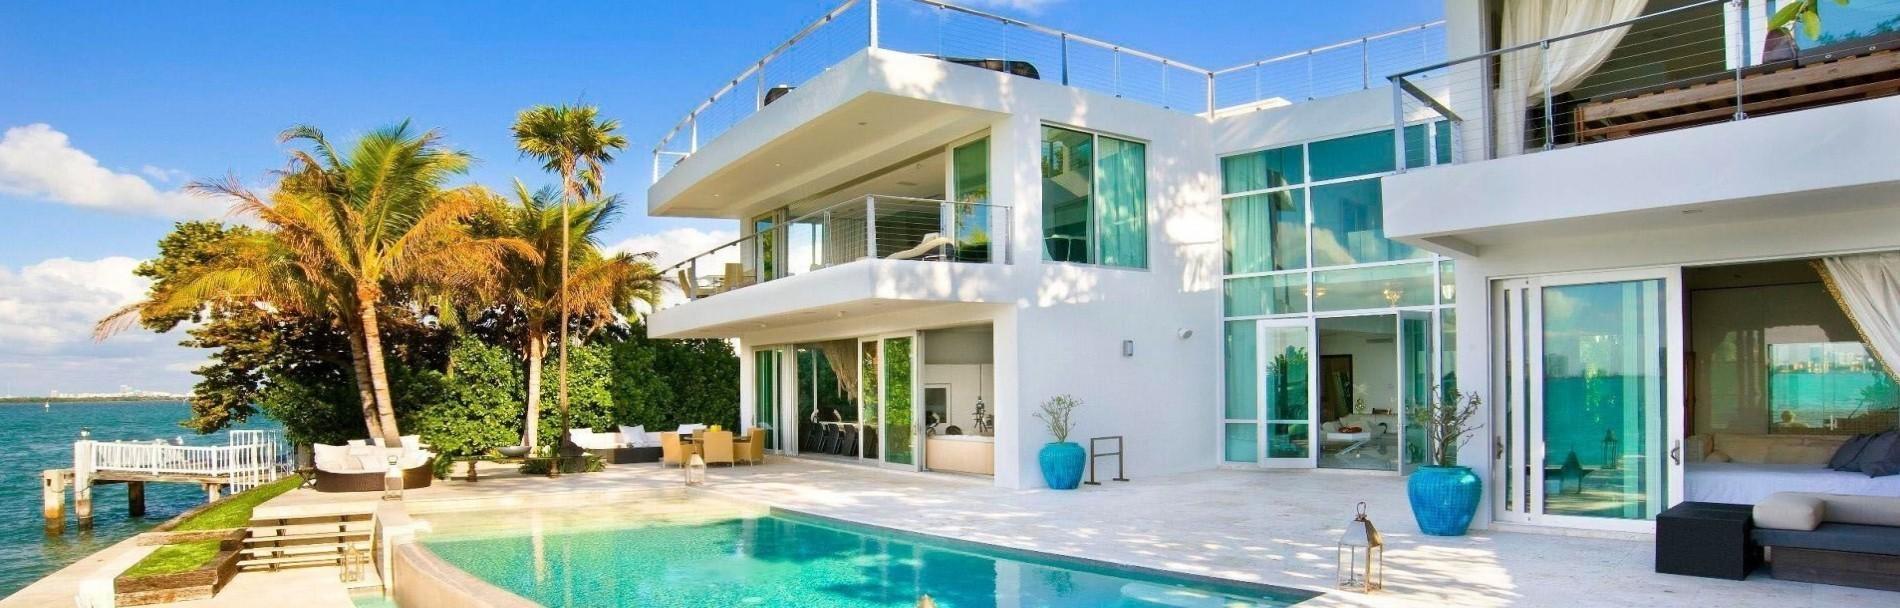 Location vacances location saisonni re chambres d 39 h tes b b en euro - Villa de luxe etats unis ...